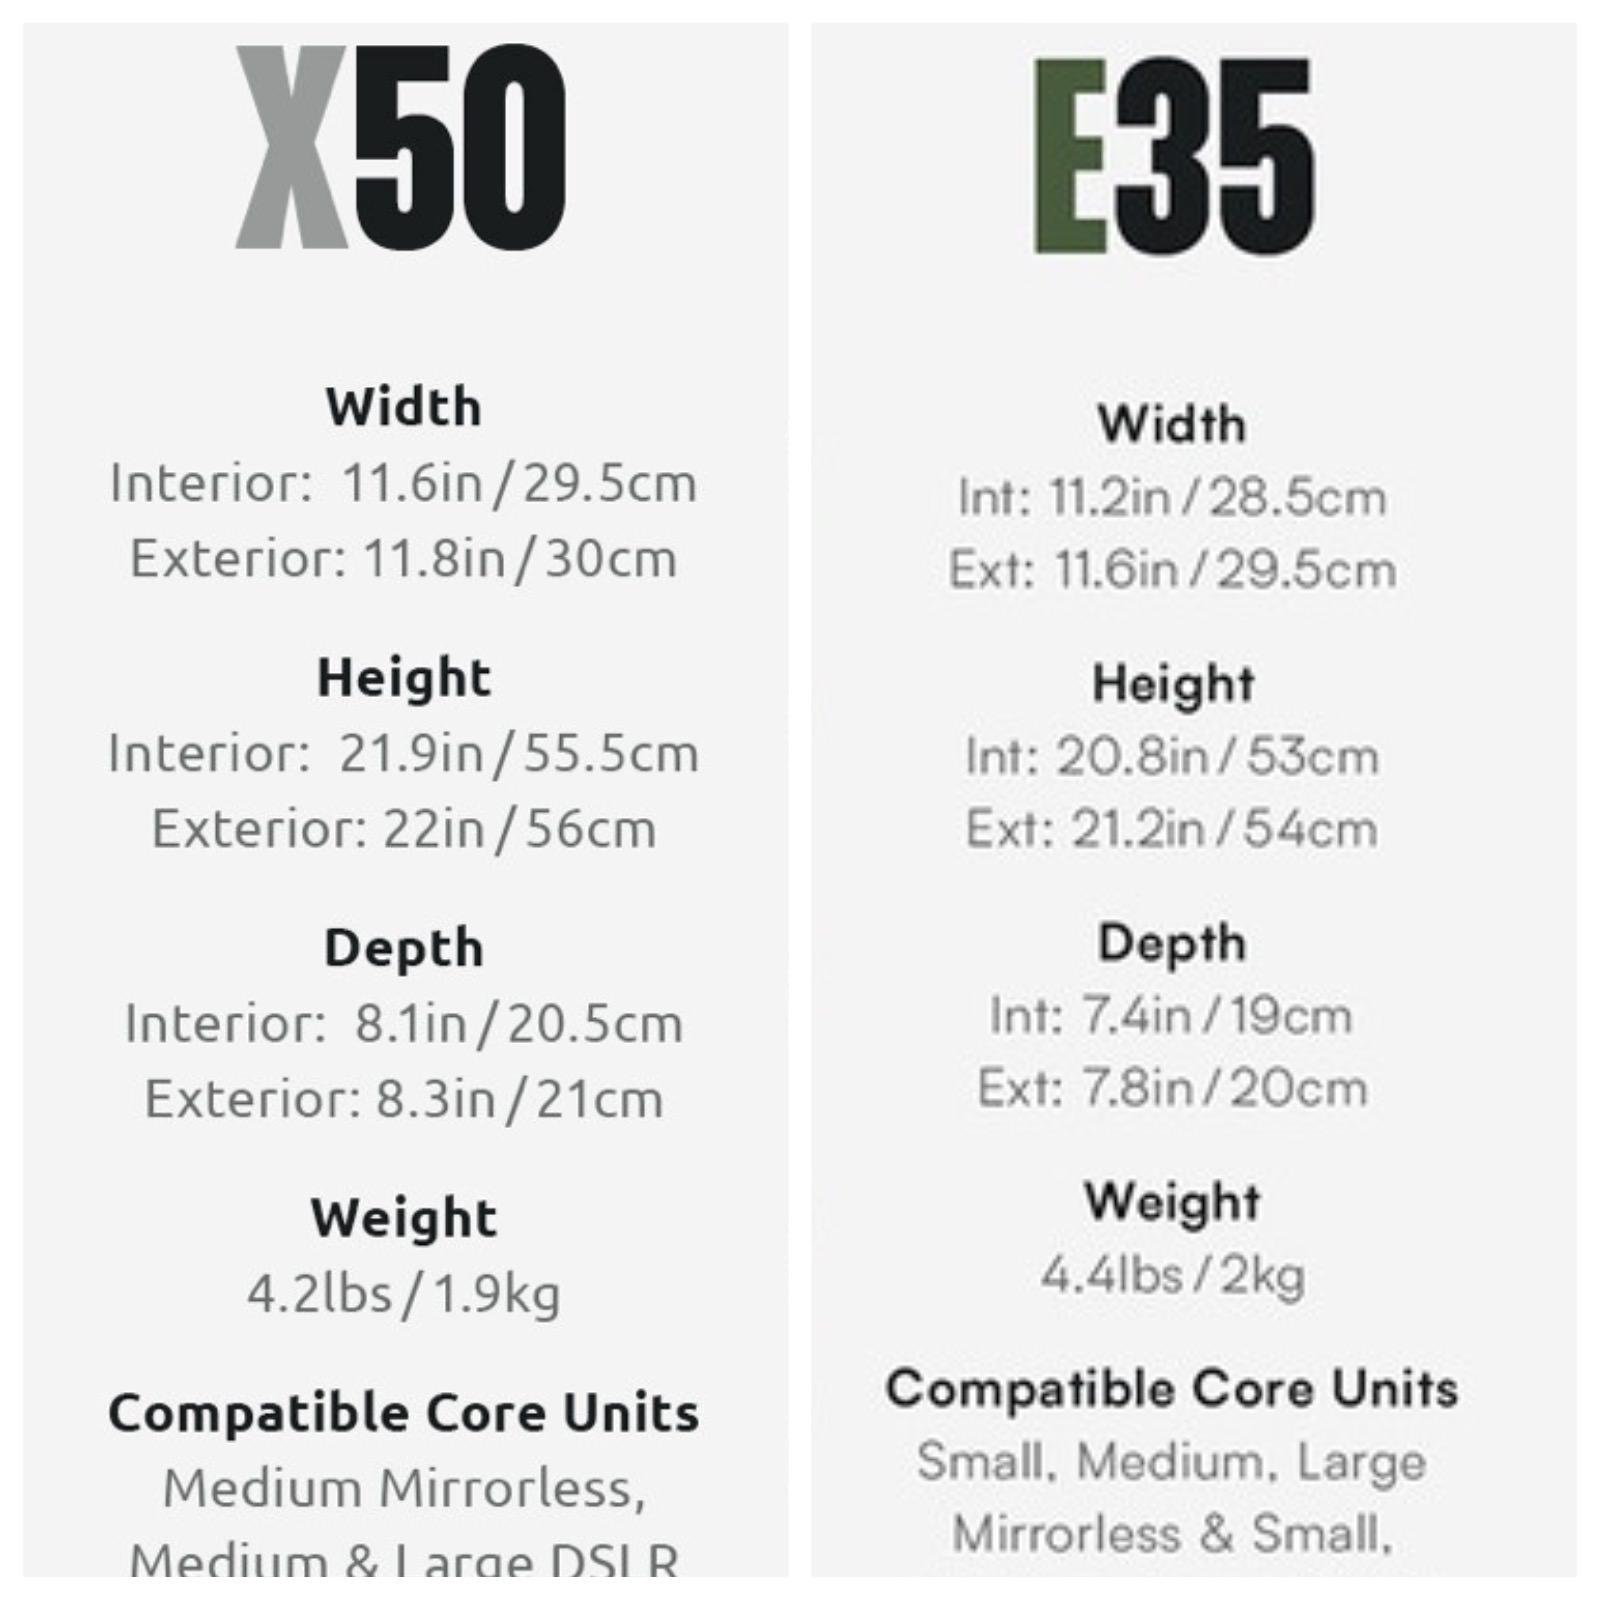 X50 E35 comparison